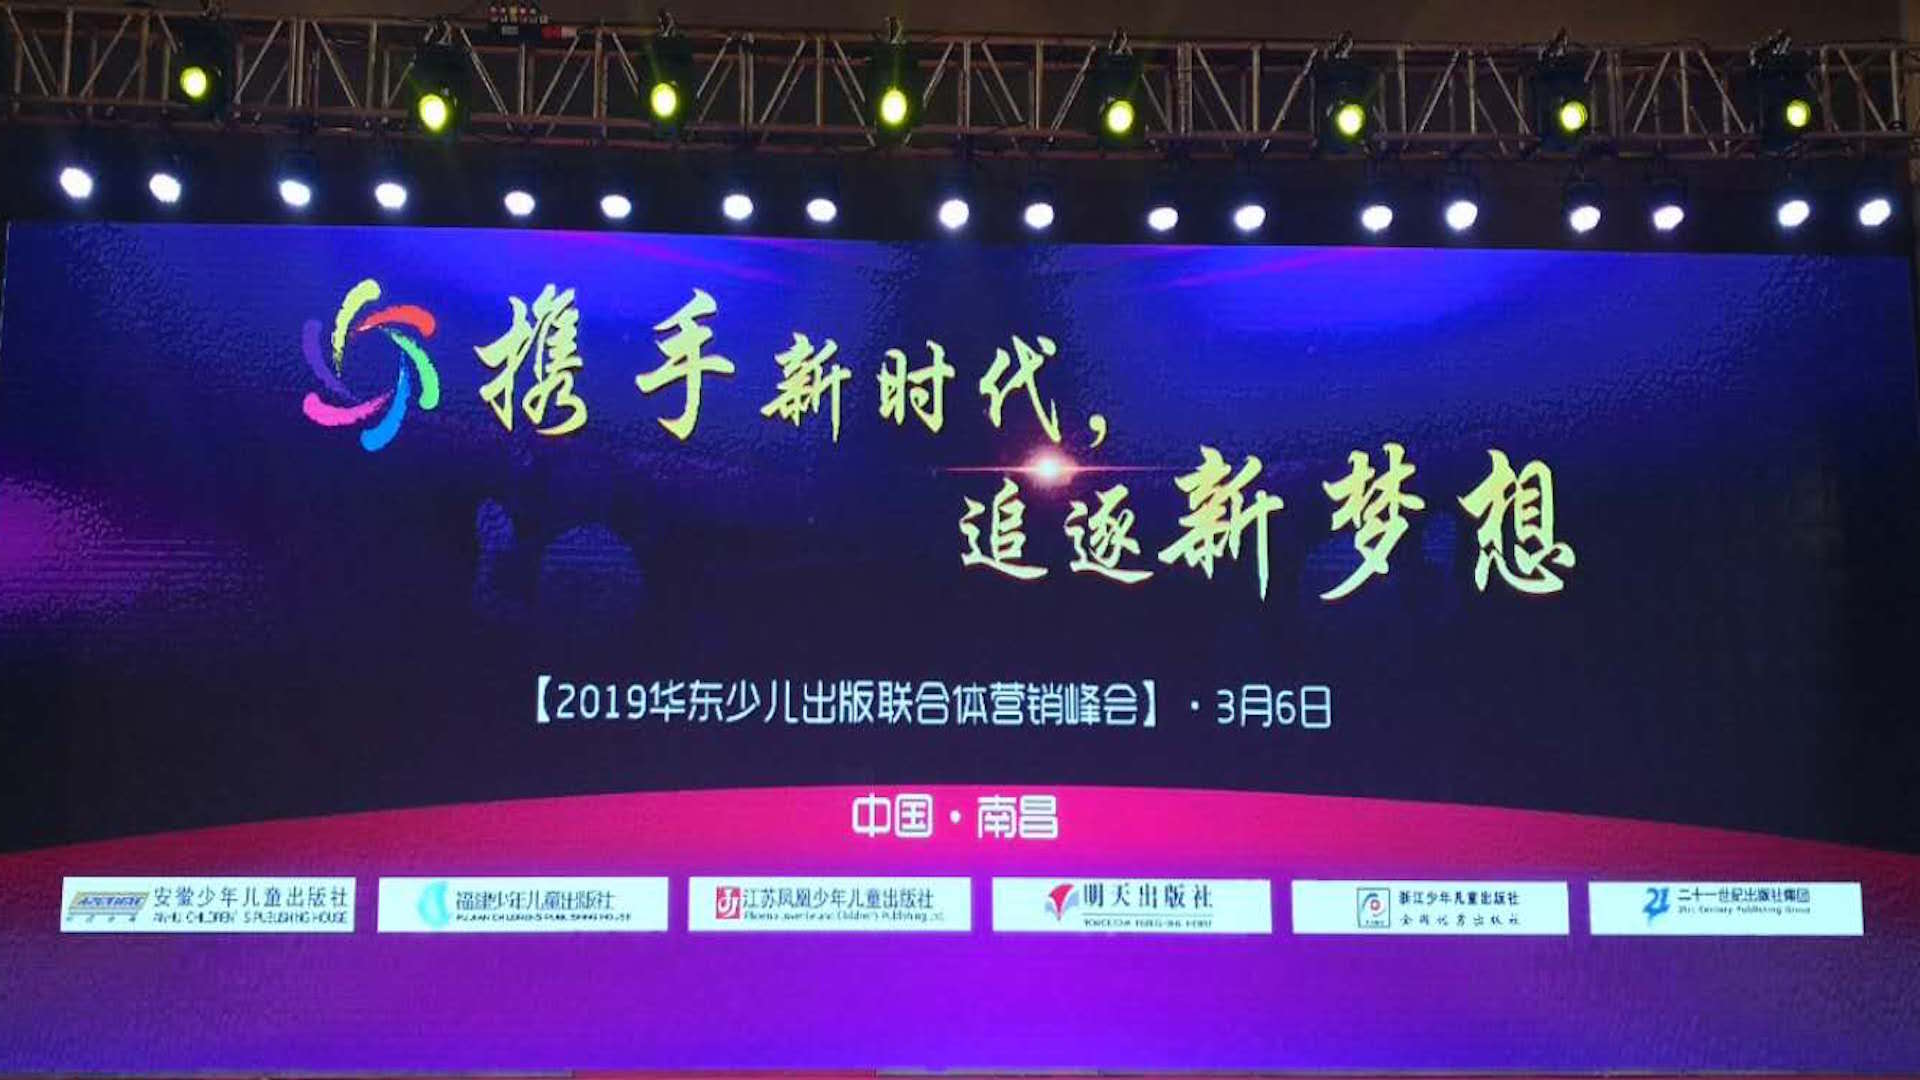 """2019""""华东六少""""营销峰会:从多元发展到主题出版,中国少儿出版第一梯队将有哪些新动作?"""